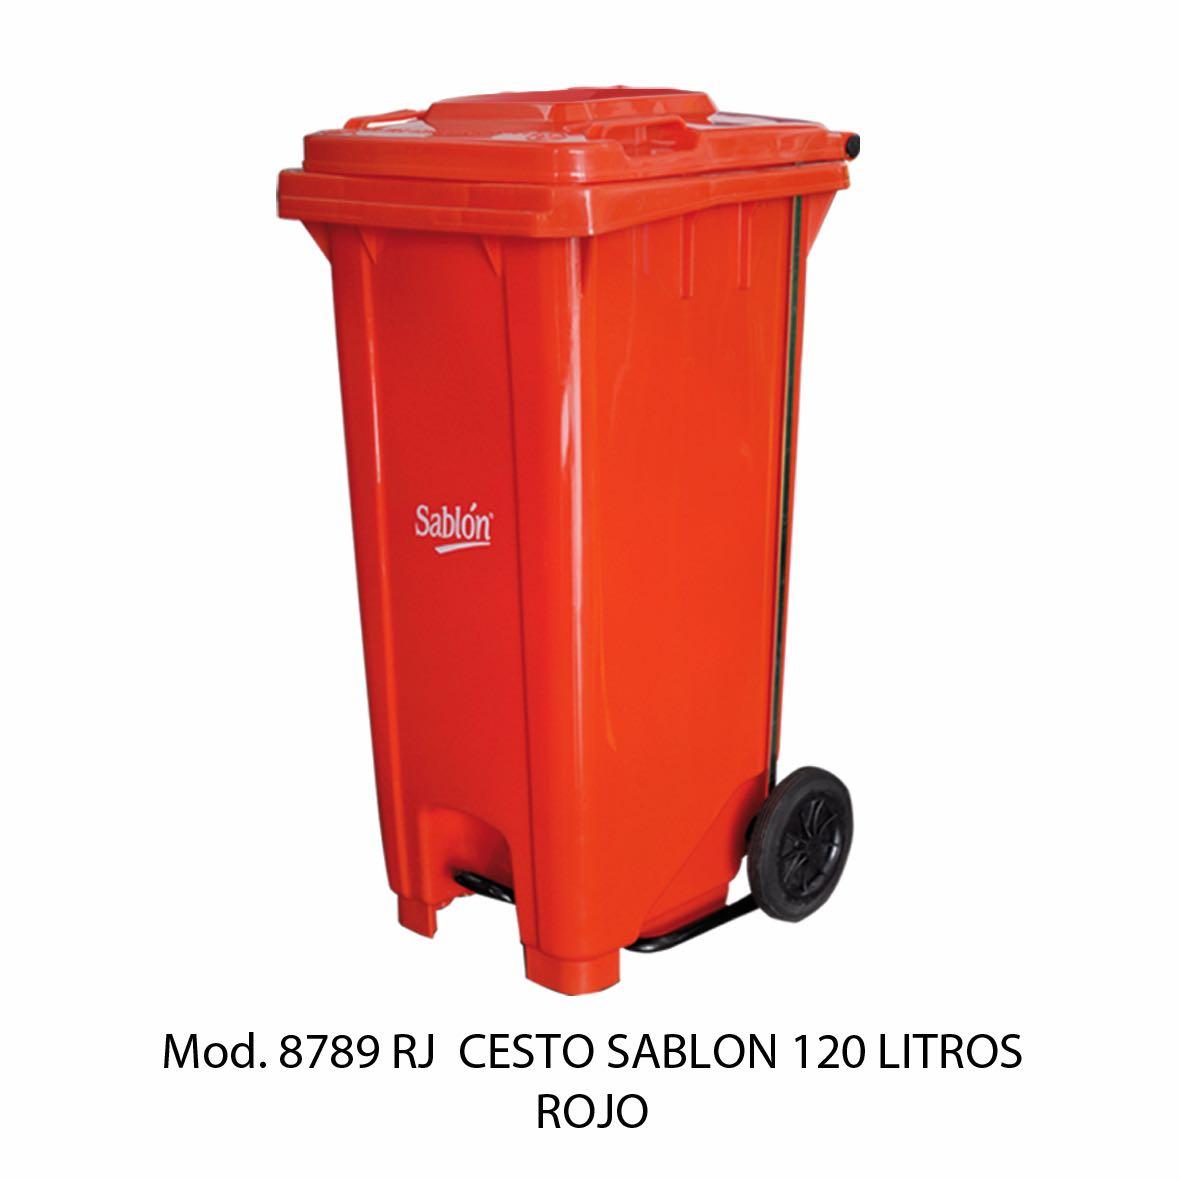 Contenedor para basura de 120 litros cuerpo rojo y tapa rojo - Modelo 8789 RJ - Sablón